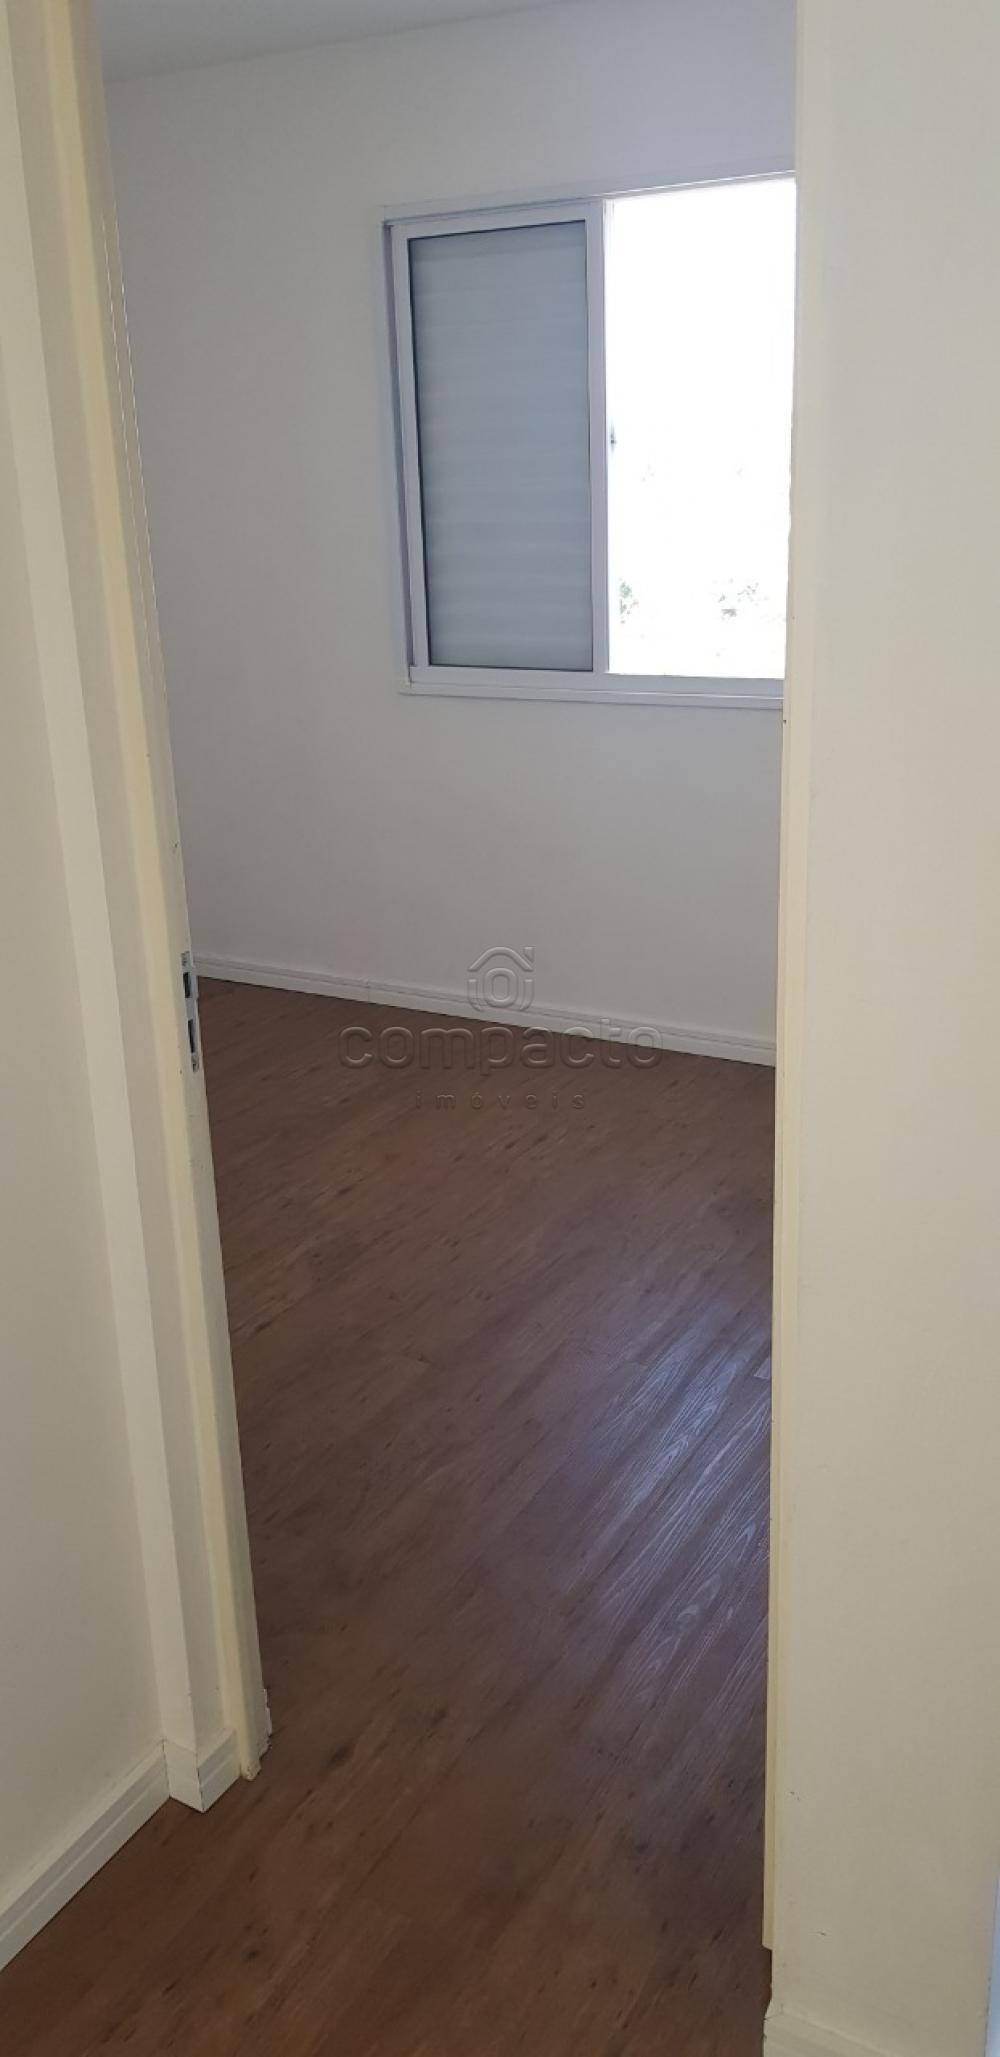 Comprar Apartamento / Padrão em São José do Rio Preto apenas R$ 222.000,00 - Foto 11